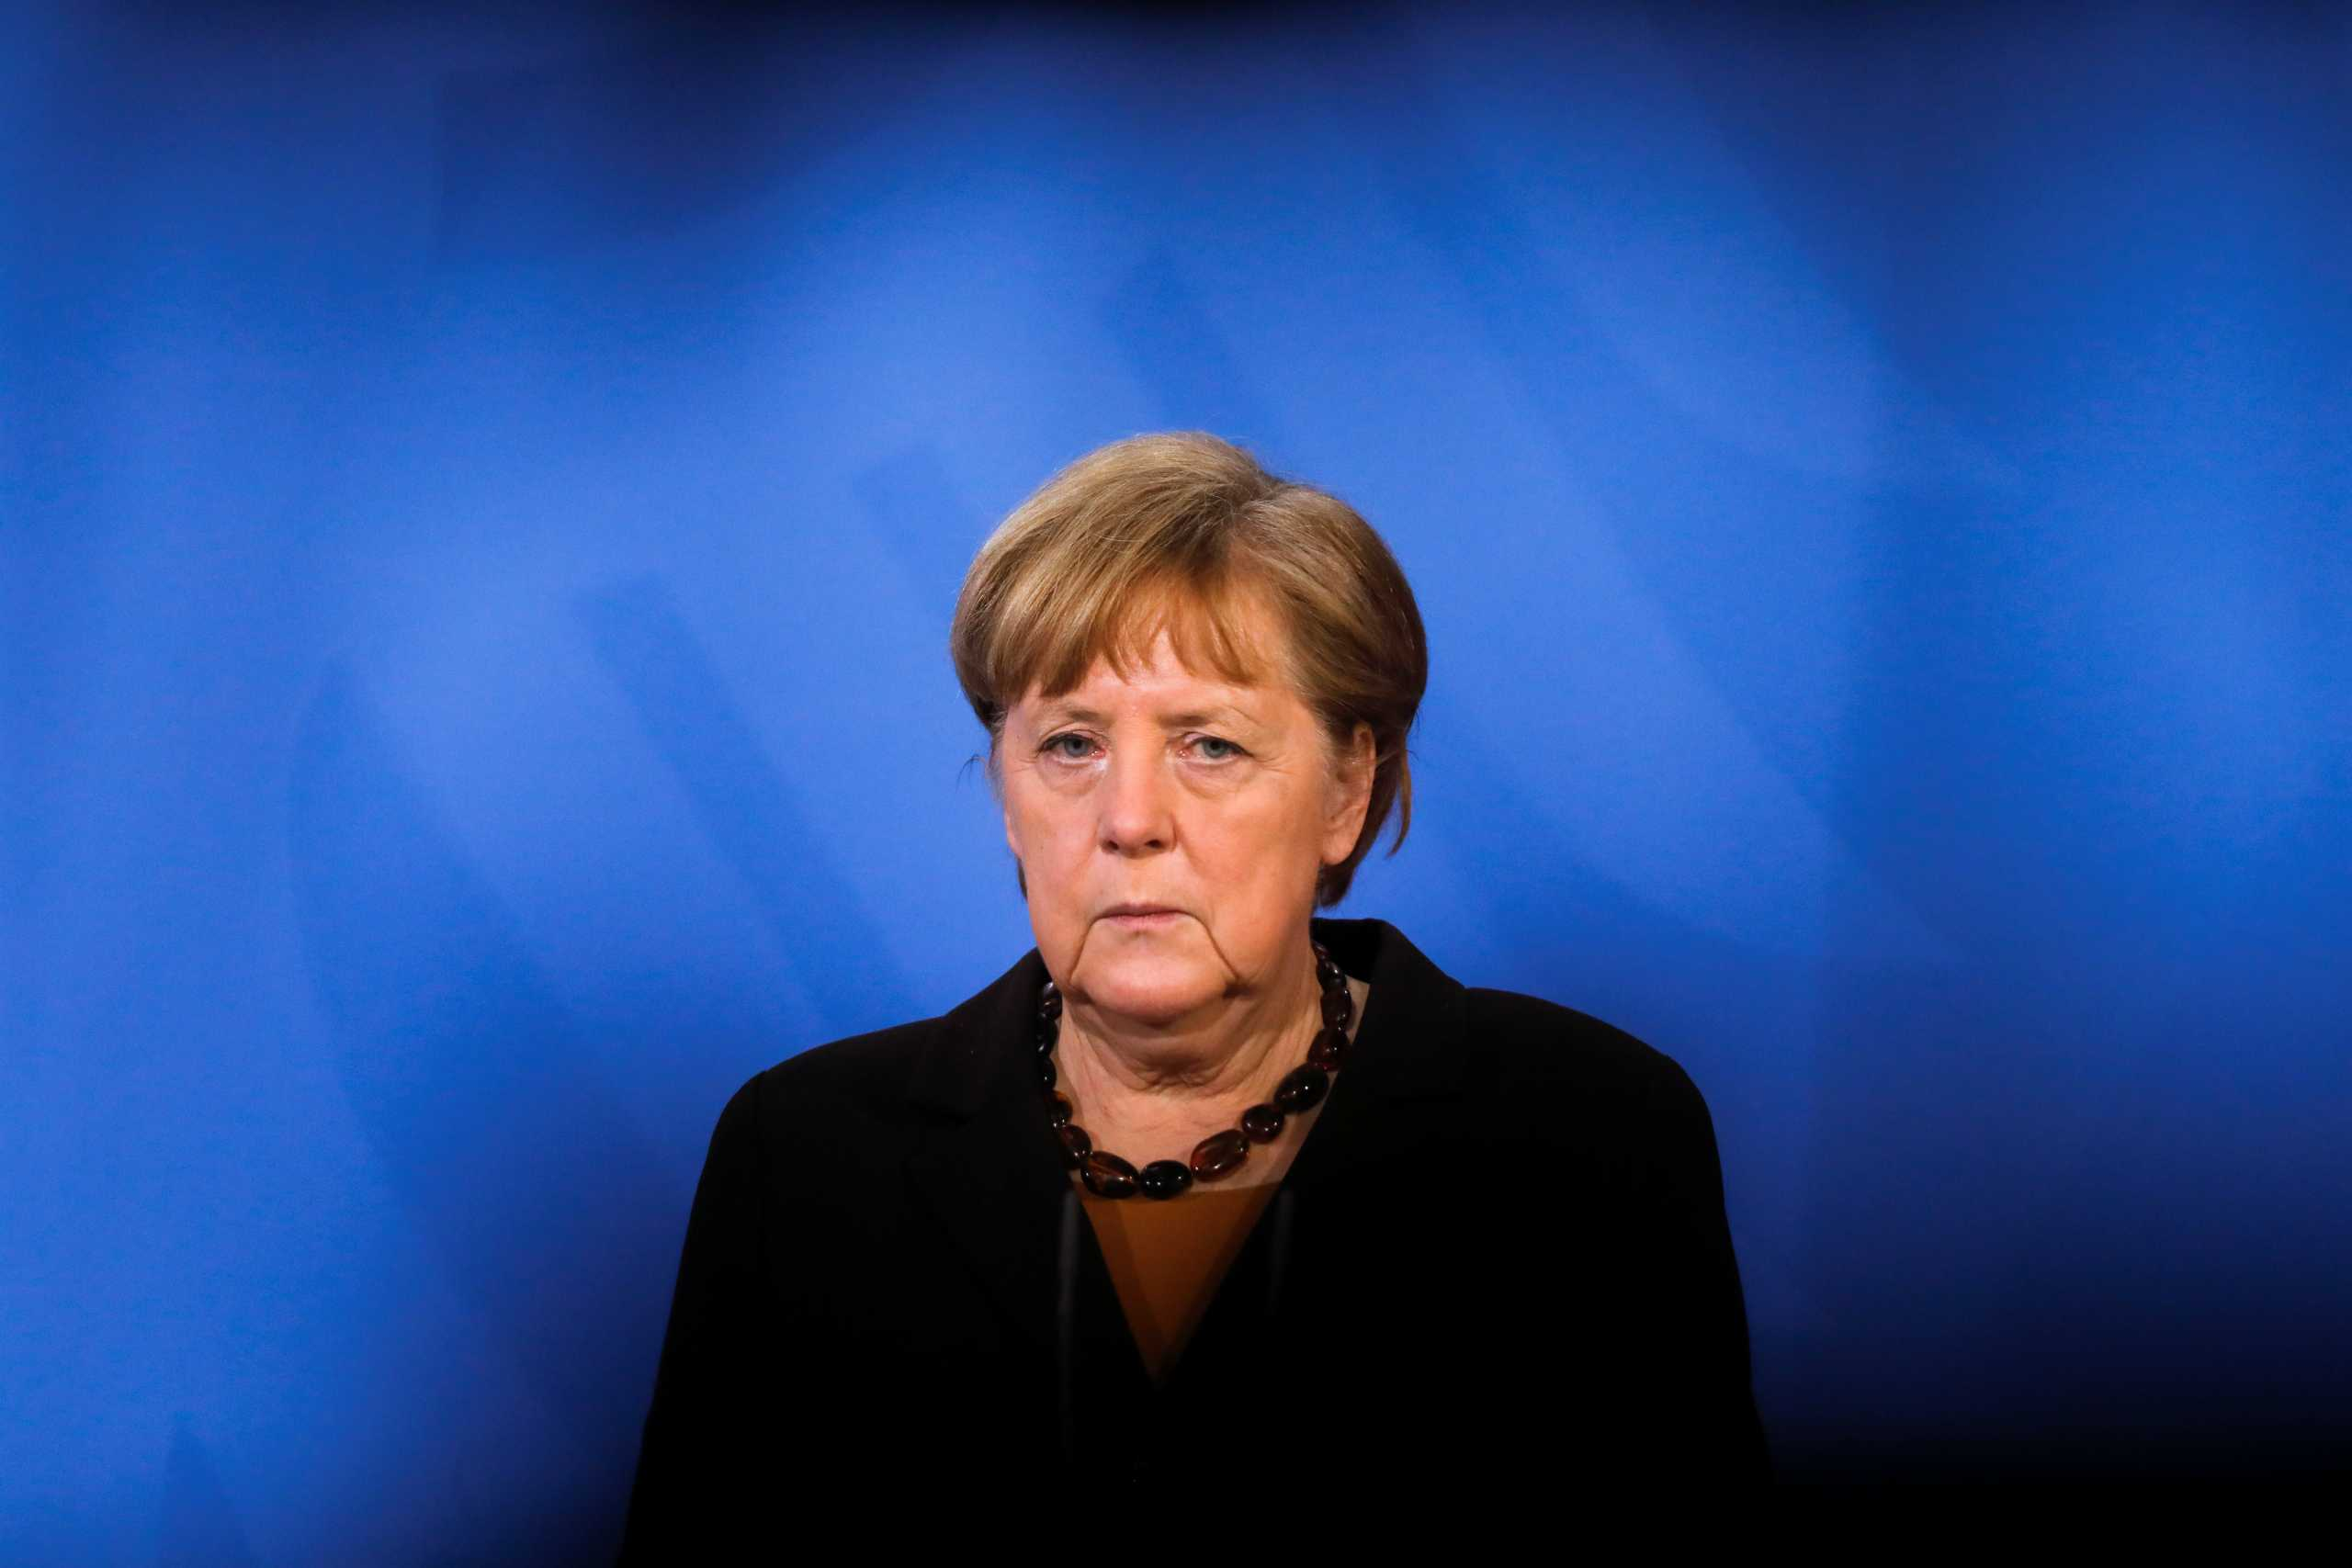 Κορονοϊός – Γερμανία: Πρόθυμη να κάνει το εμβόλιο της AstraZeneca η Μέρκελ